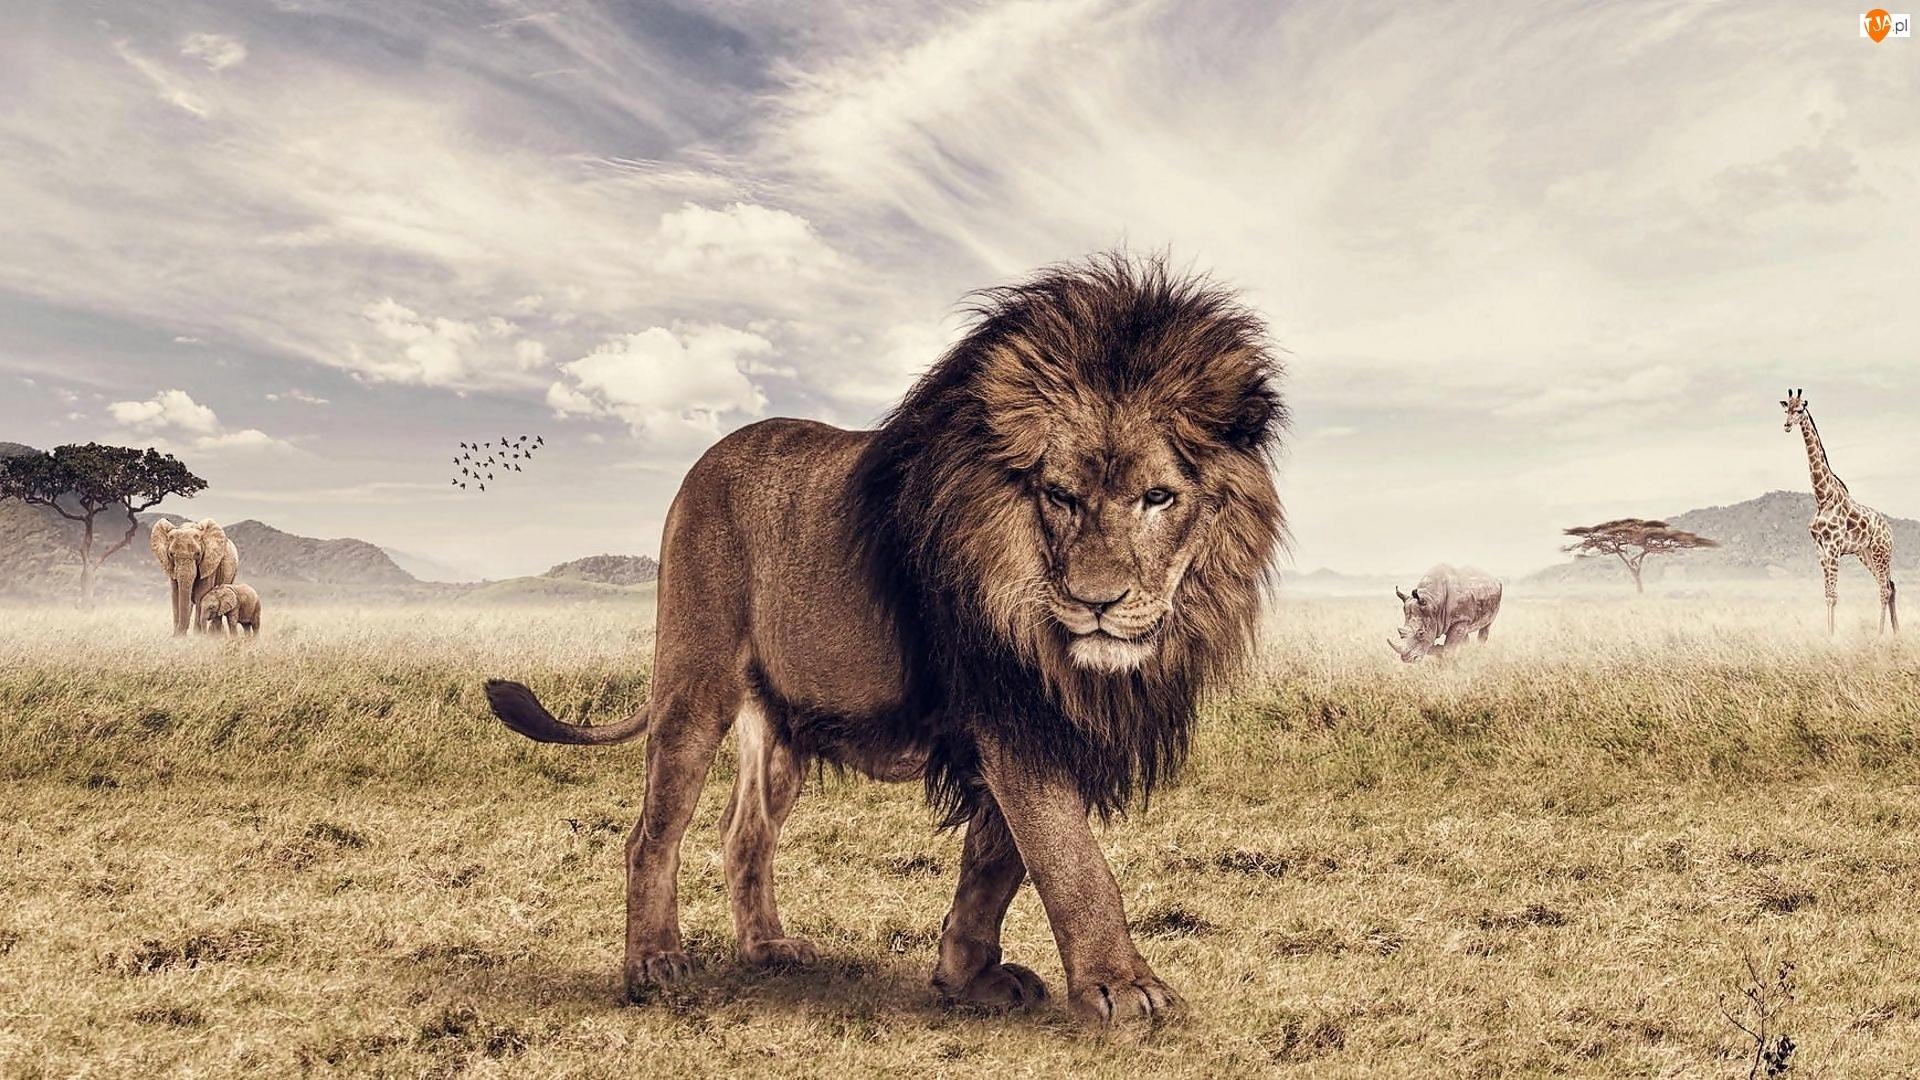 Słonie, Lew, Sawanna, Rysunek, Nosorożec, Zwierzęta, Żyrafa